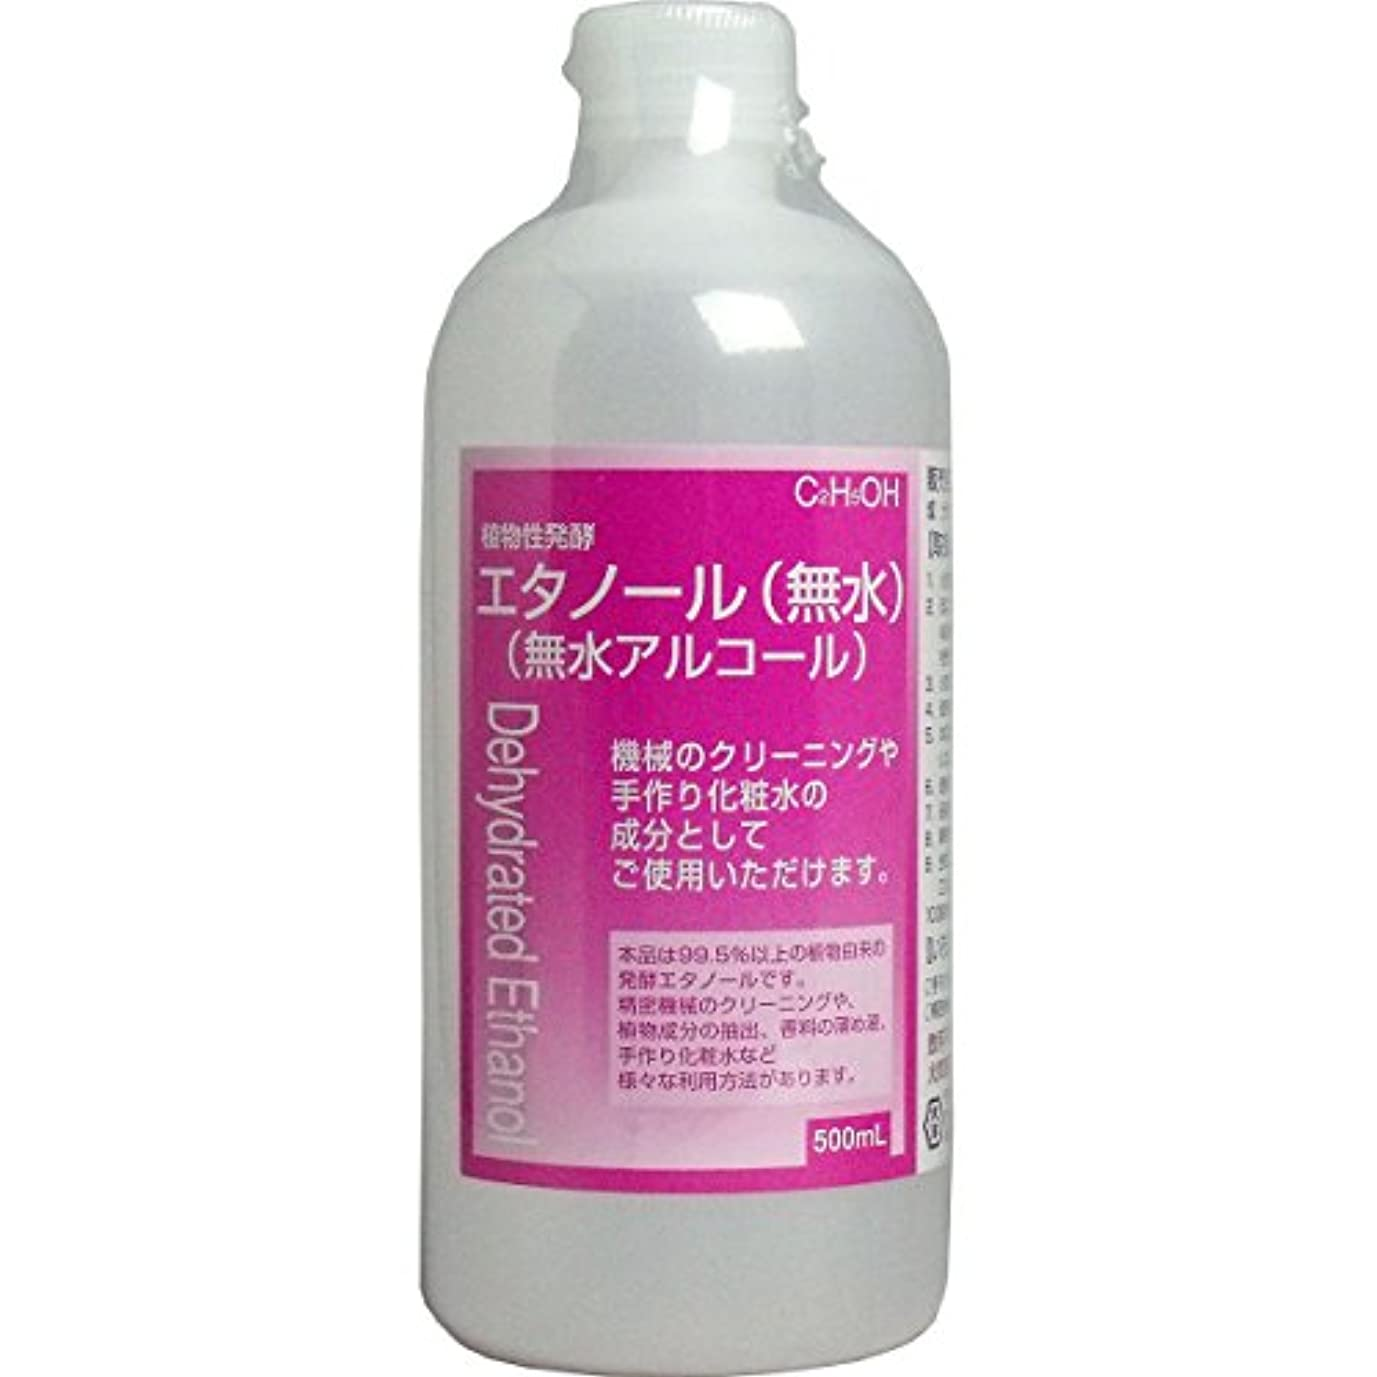 火議会葡萄手作り化粧水に 植物性発酵エタノール(無水エタノール) 500mL 2本セット